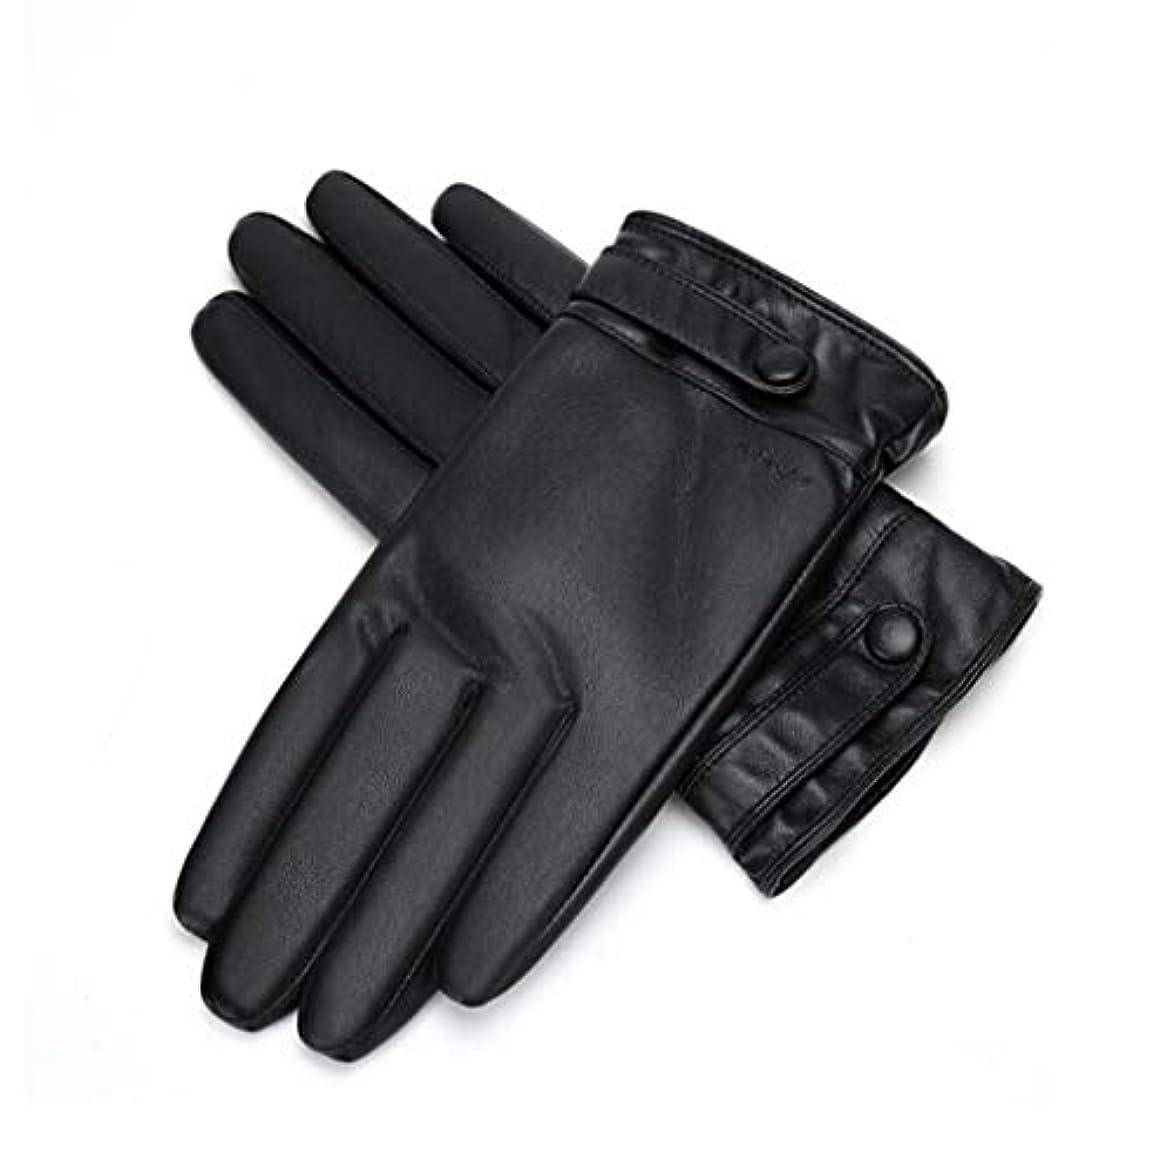 ゆりかご行動遠洋の暖かい秋と冬を保つためにメンズ革手袋のタッチスクリーンメンズ自転車厚いぬいぐるみ手袋 (サイズ さいず : L21*8.9cm)